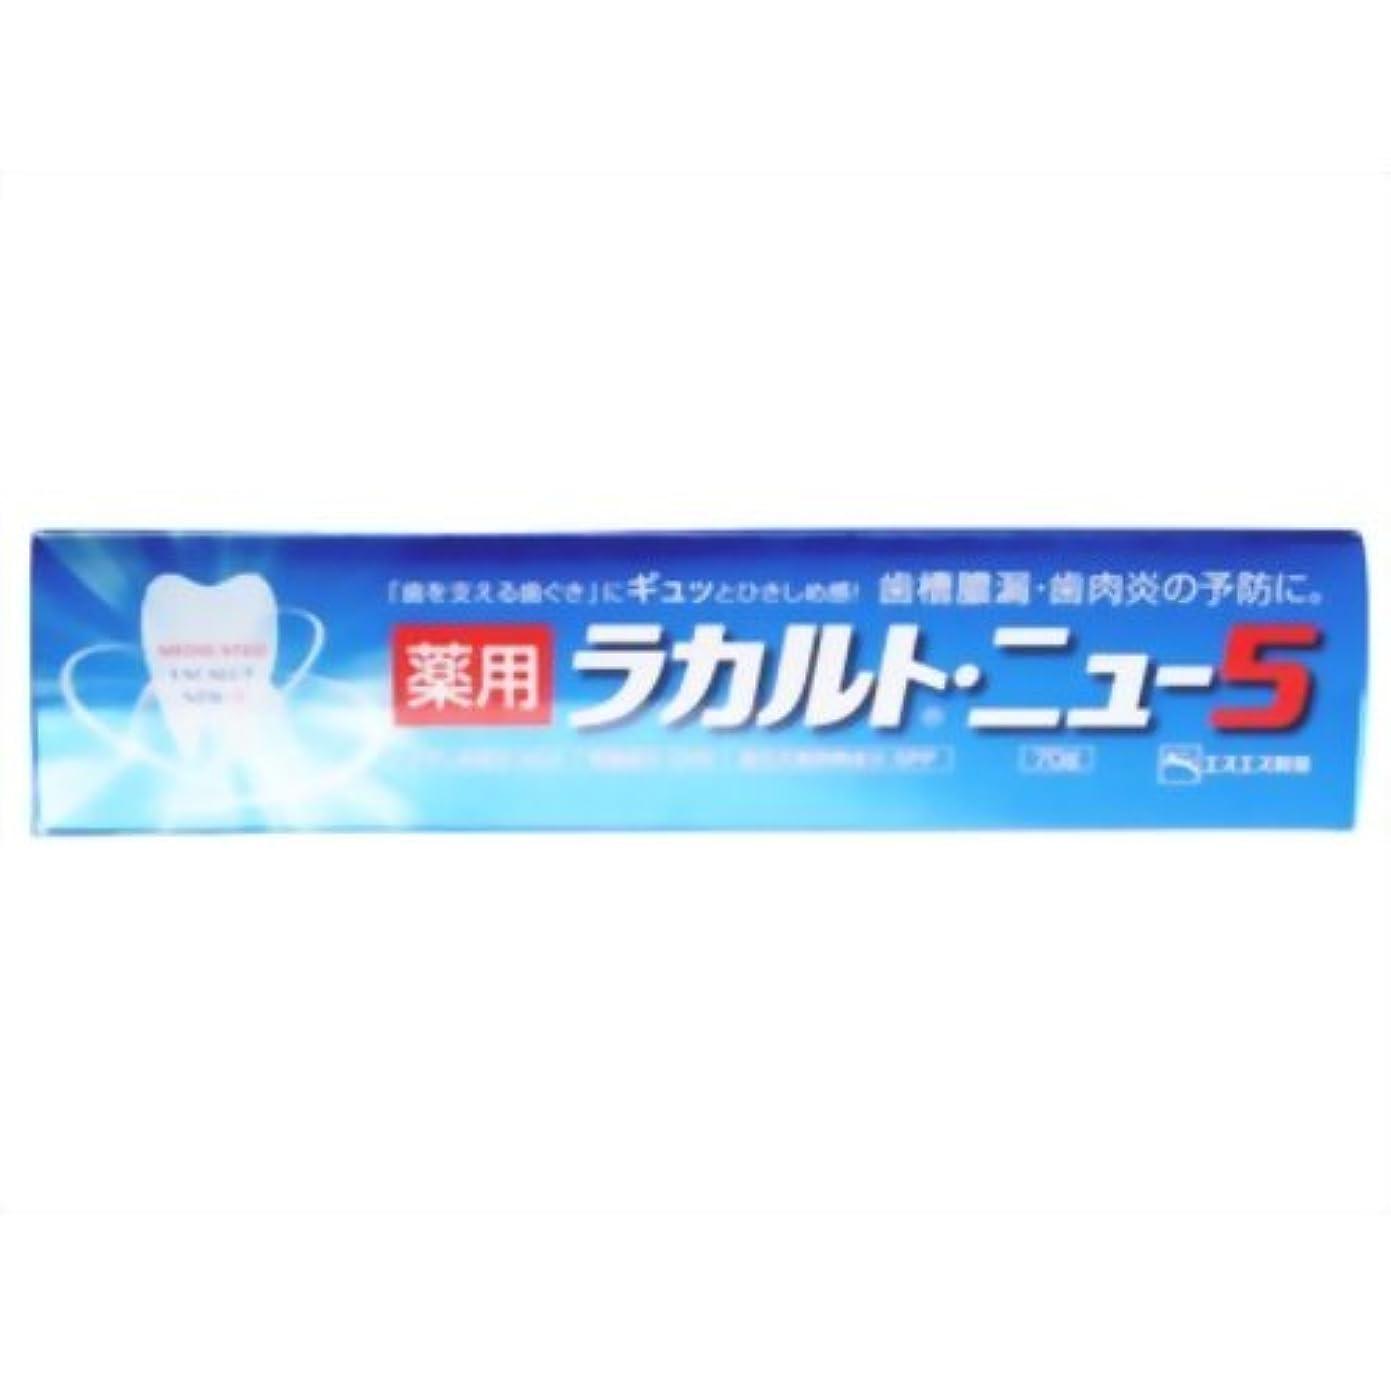 酔うルー二十【エスエス製薬】薬用ラカルト・ニュー5 70g ×3個セット